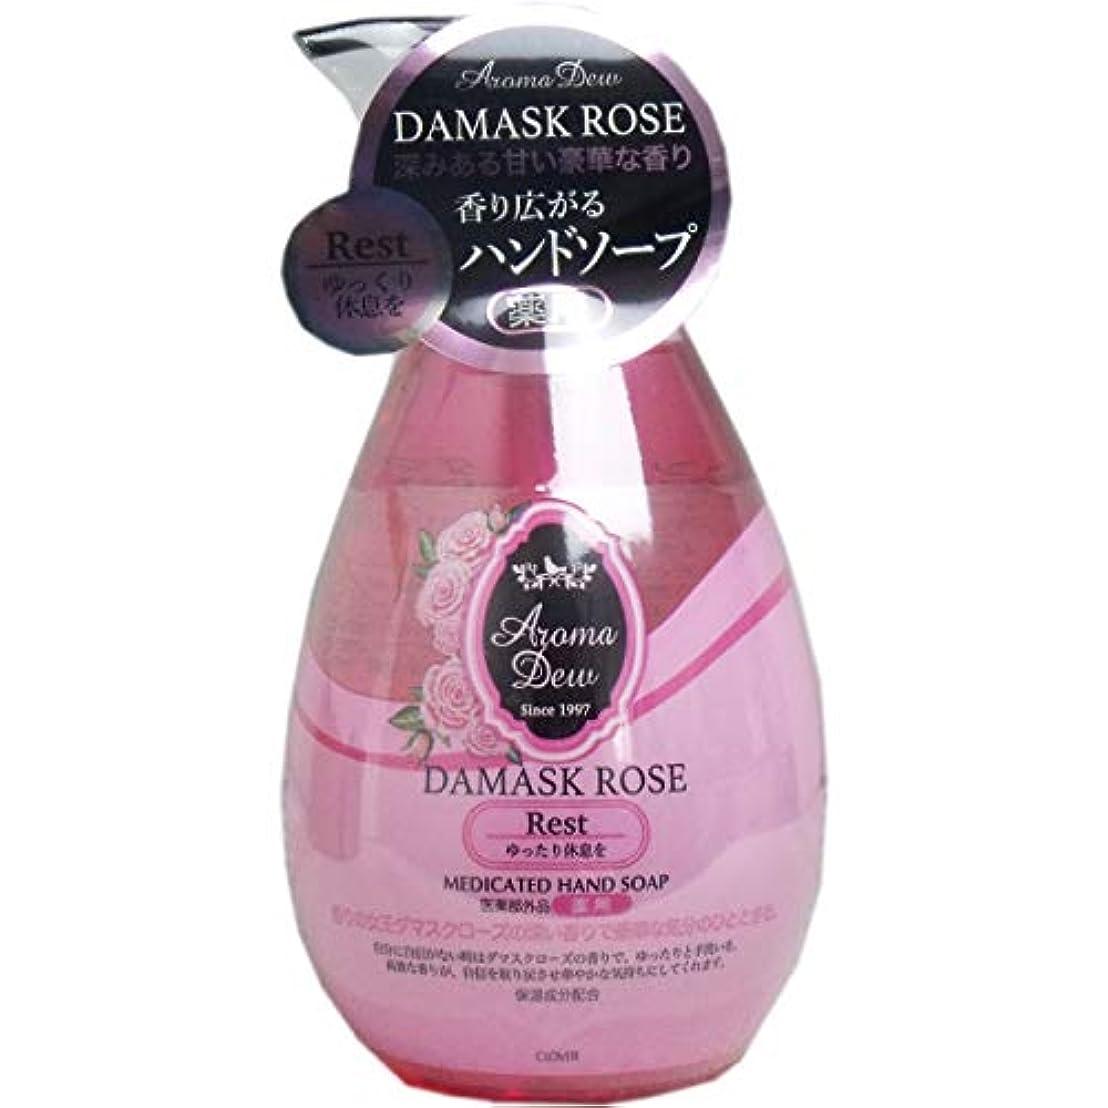 信頼性のある敏感な通行人薬用アロマデュウ ハンドソープ ダマスクローズの香り 260mL×5個セット(管理番号 4901498104439)